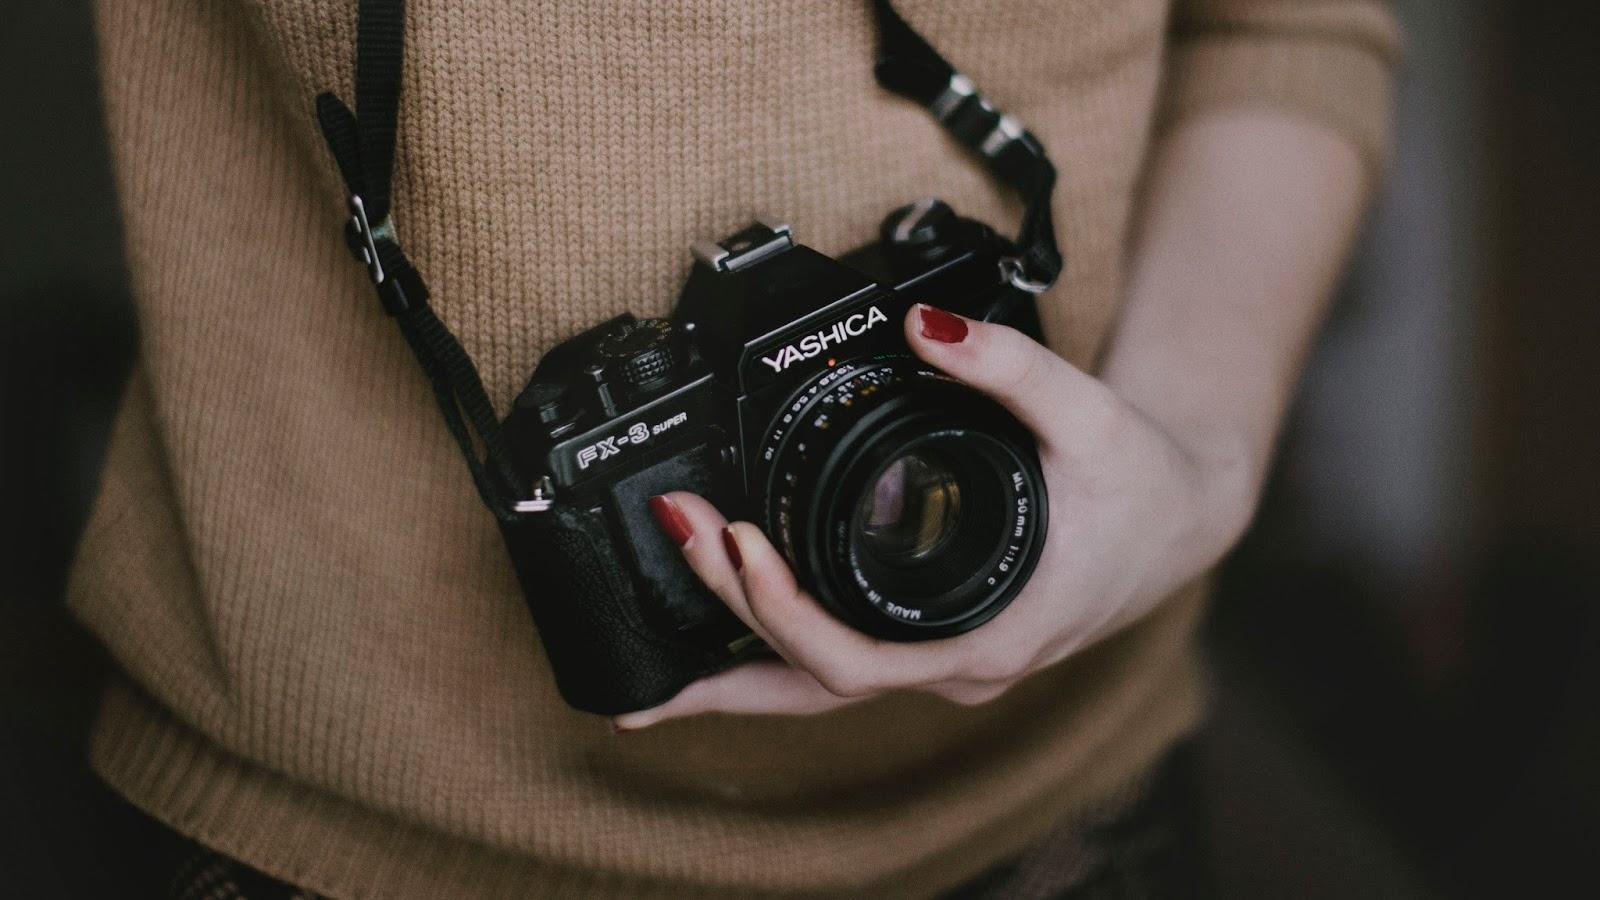 zdjęcia, darmowe, na bloga, banki zdjęć, darmowe zdjęcia, spis stron ze zdjęciami